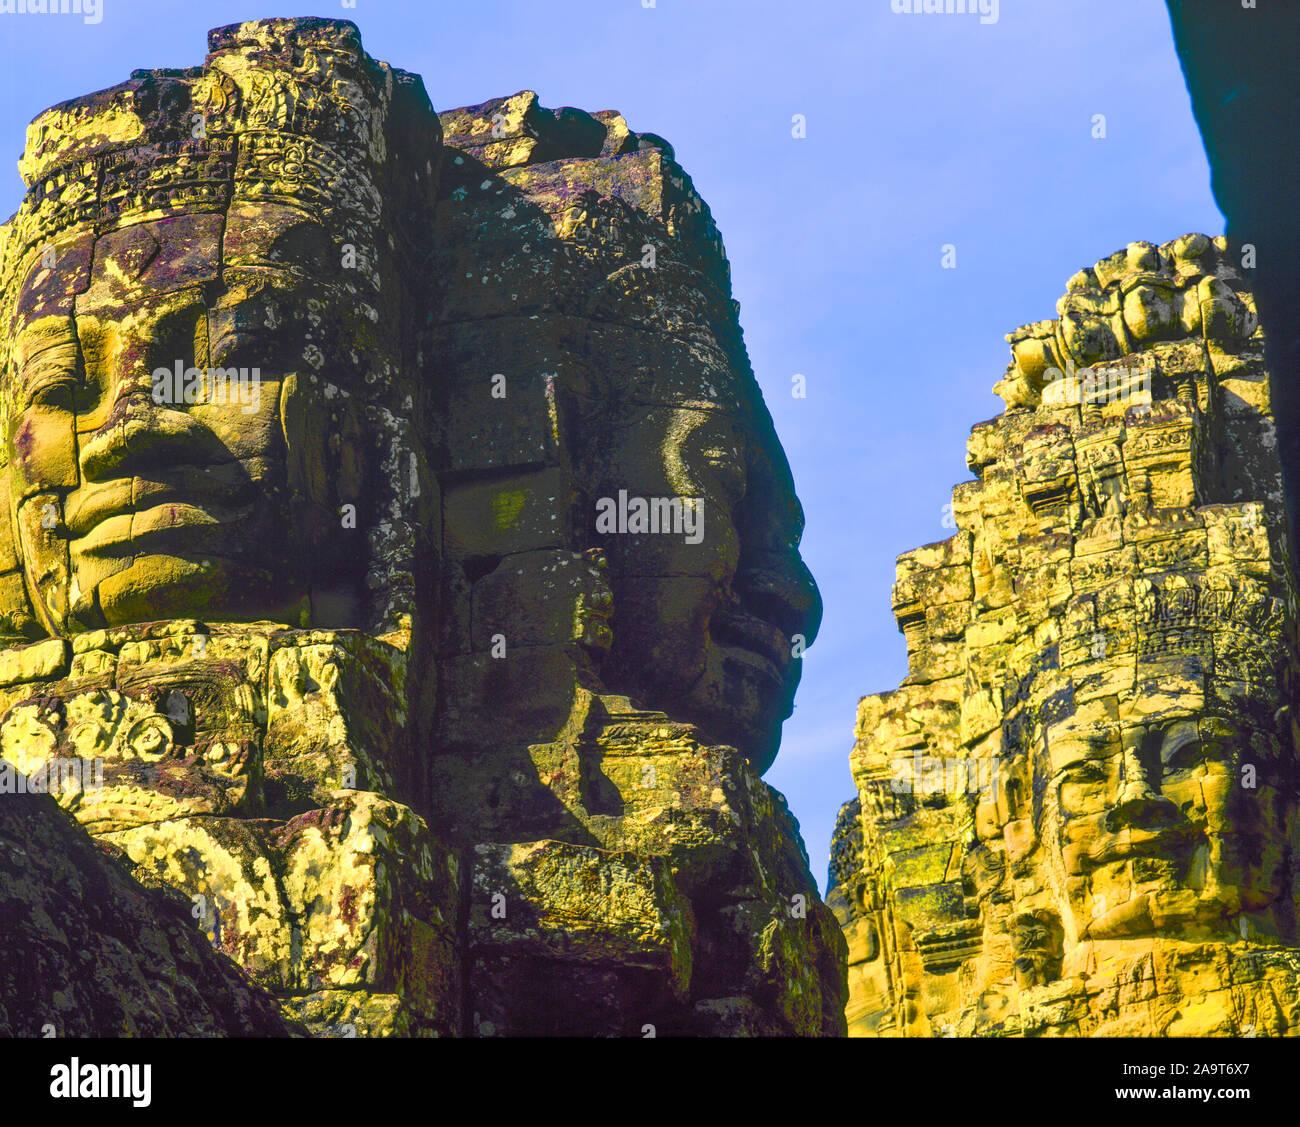 Huge carvings at Bayon Temple, Angkor Watt Archeological Park, Cambodia, City of Angkor Thom, Built 1100-1200 AD Khymer Culture ruins, SE Asia jungle Stock Photo